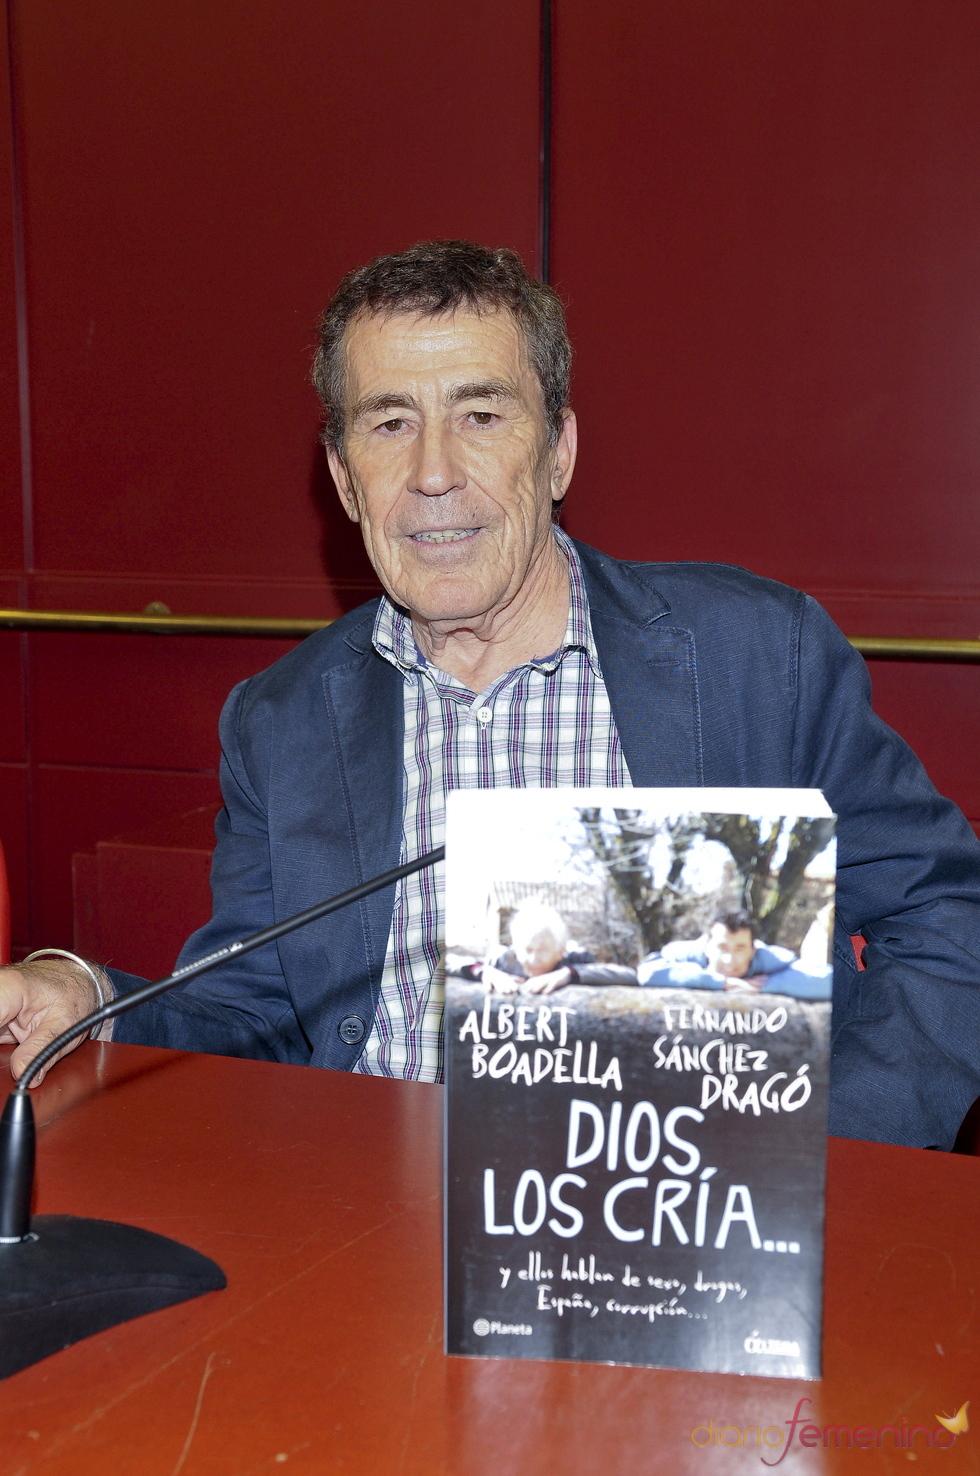 Sanchez Dragó en la presentación de su libro 'Dios los cría...'